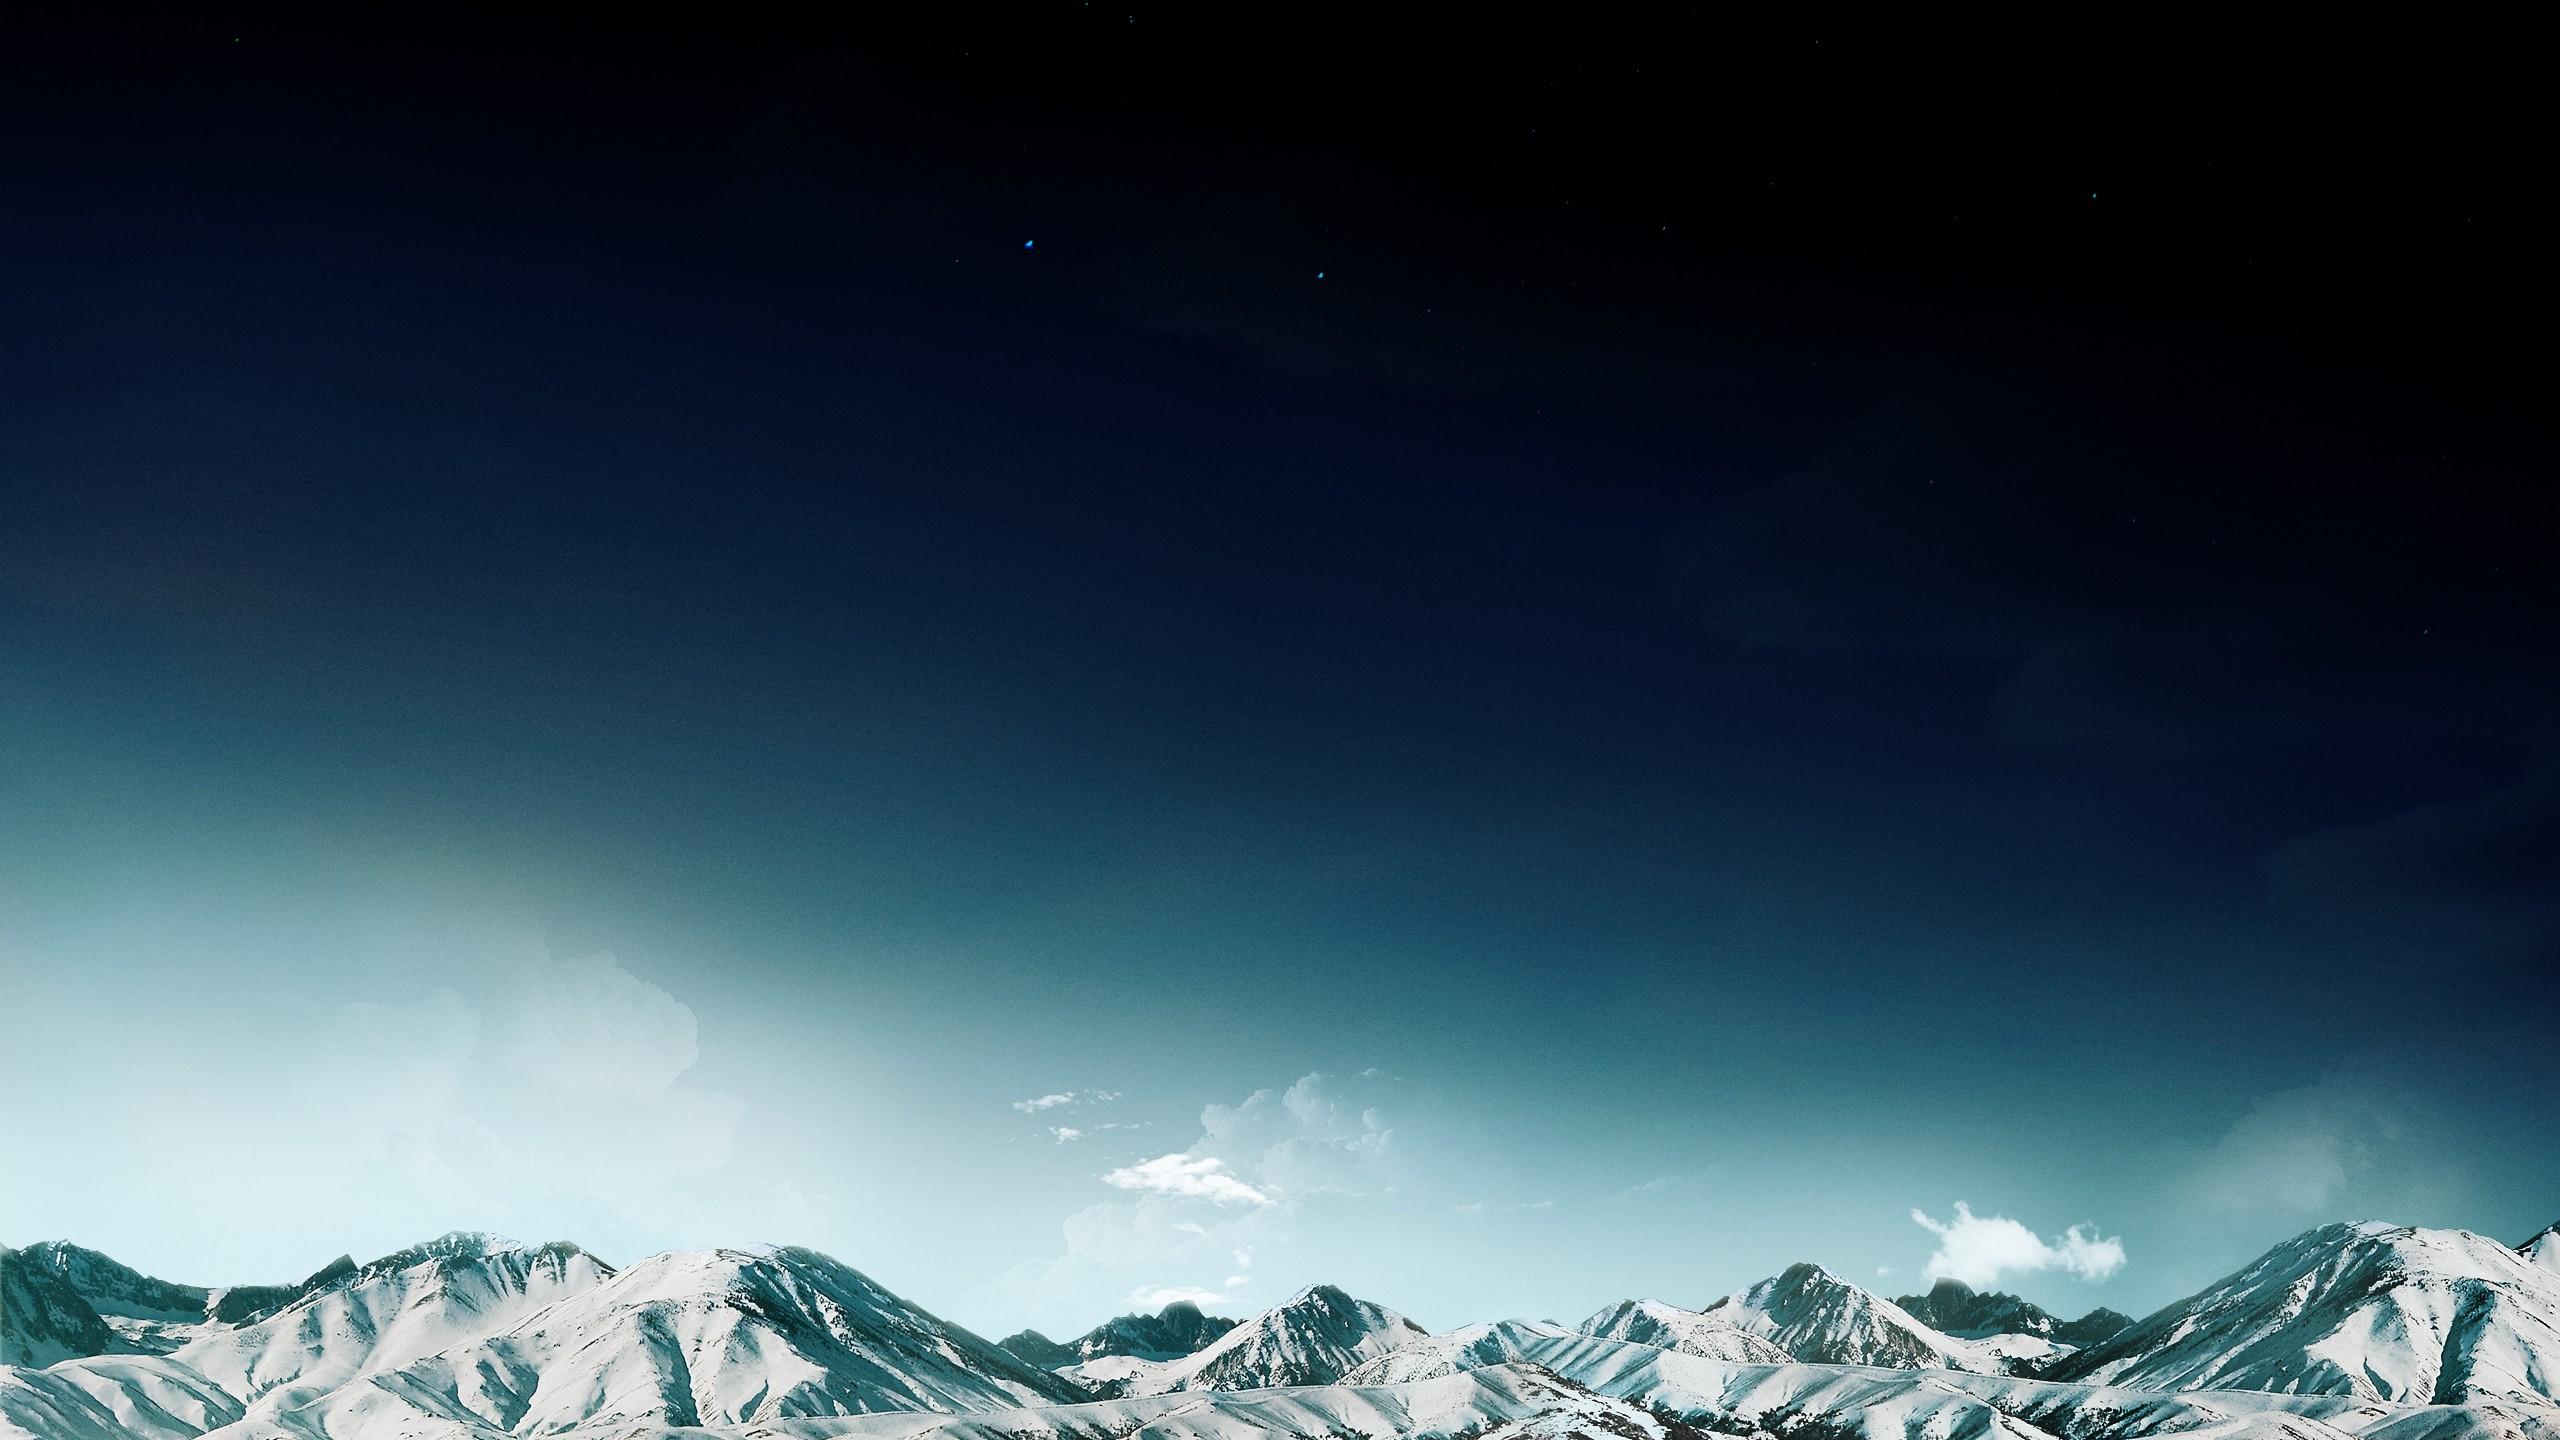 Снег в горах снег небо звезды горы